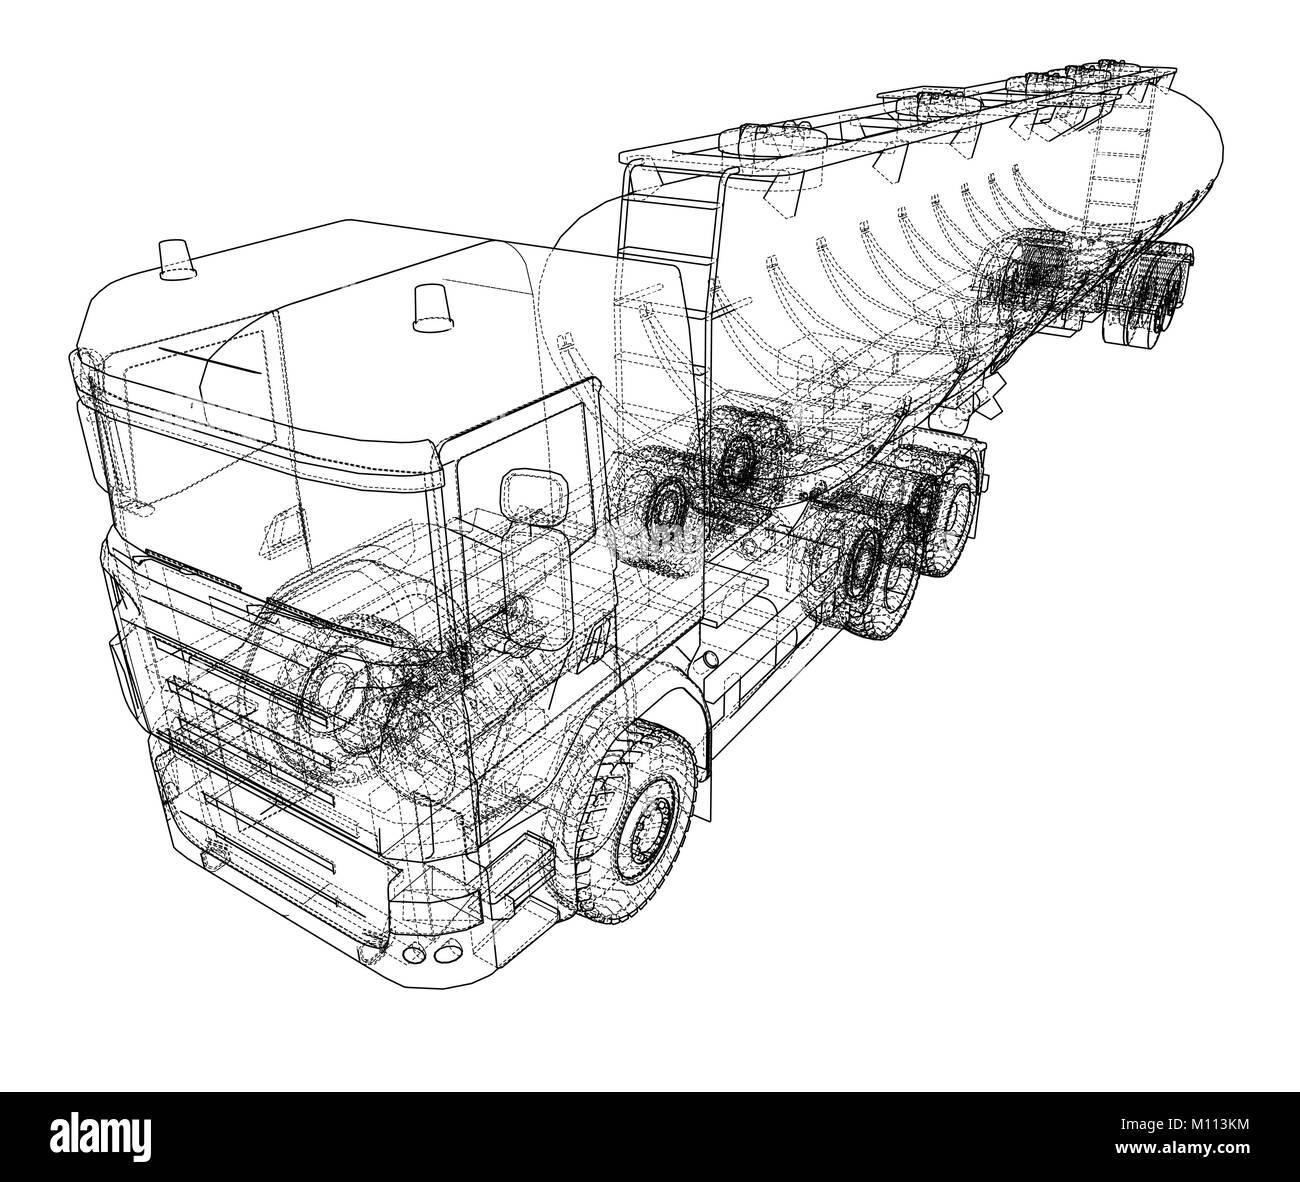 Wunderbar Lkw Skizze Zeichnung Ideen - Der Schaltplan - greigo.com